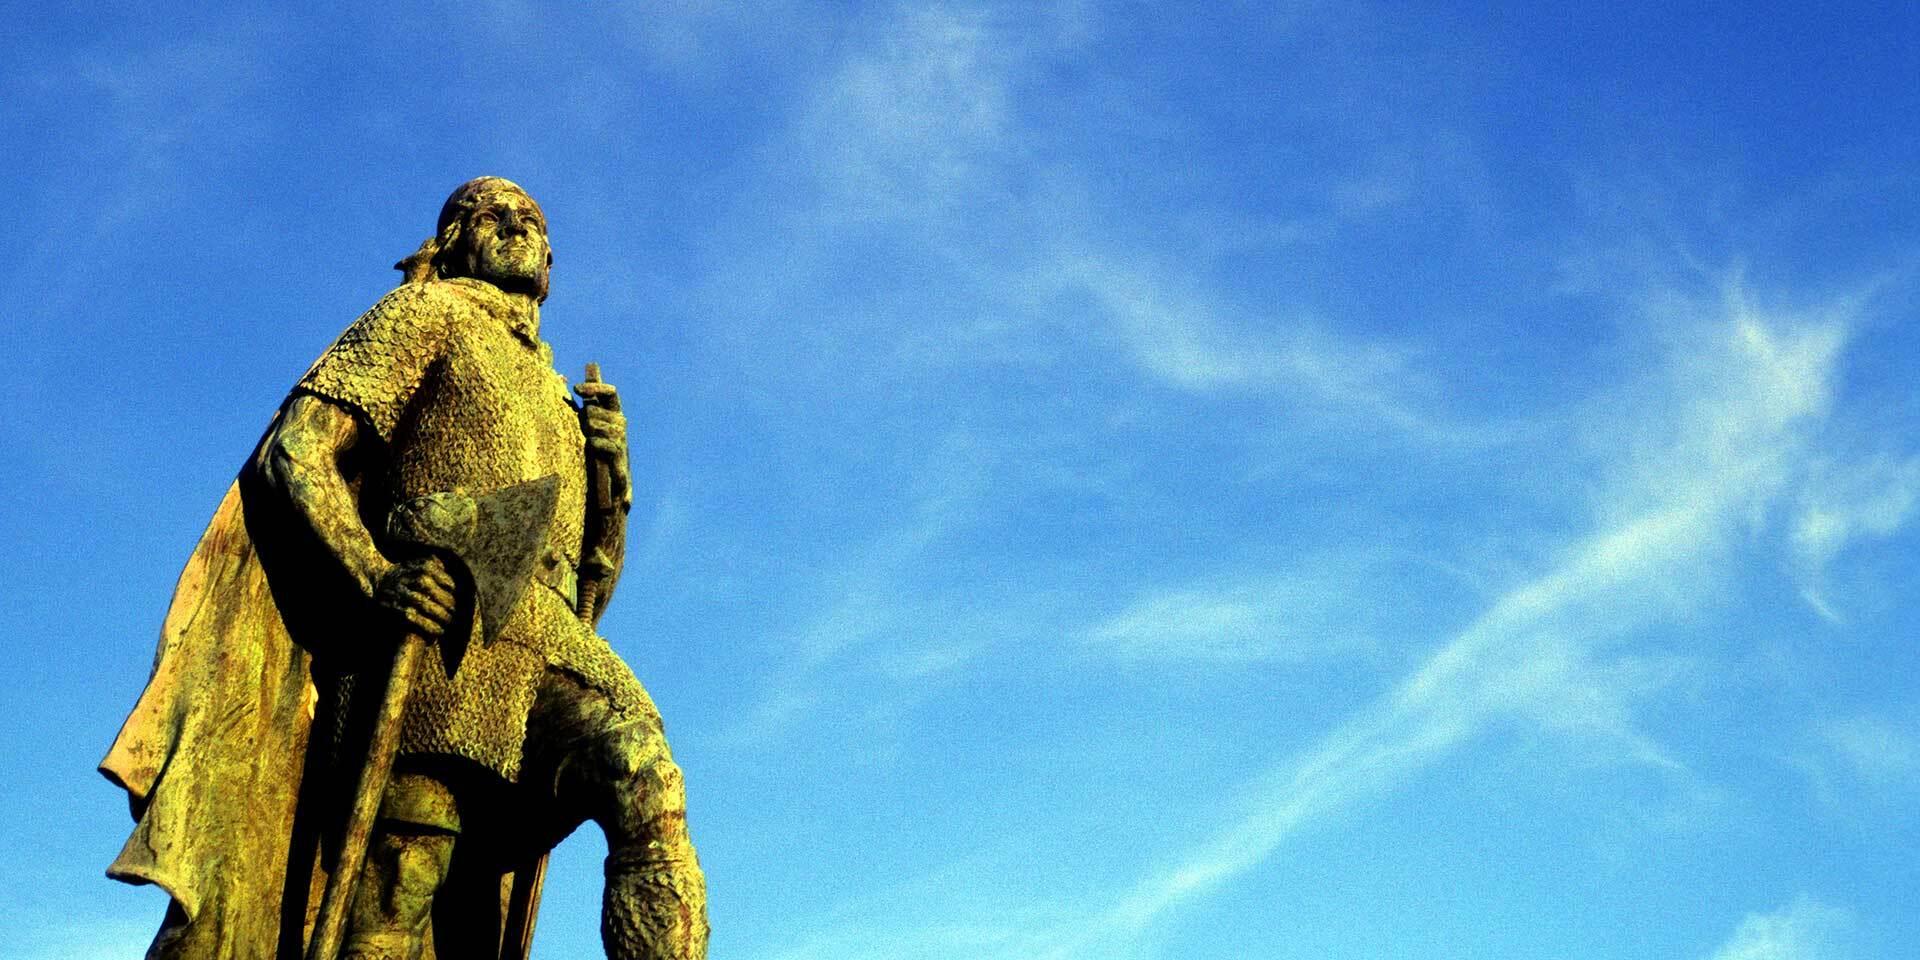 Statue von Leif Eriksson